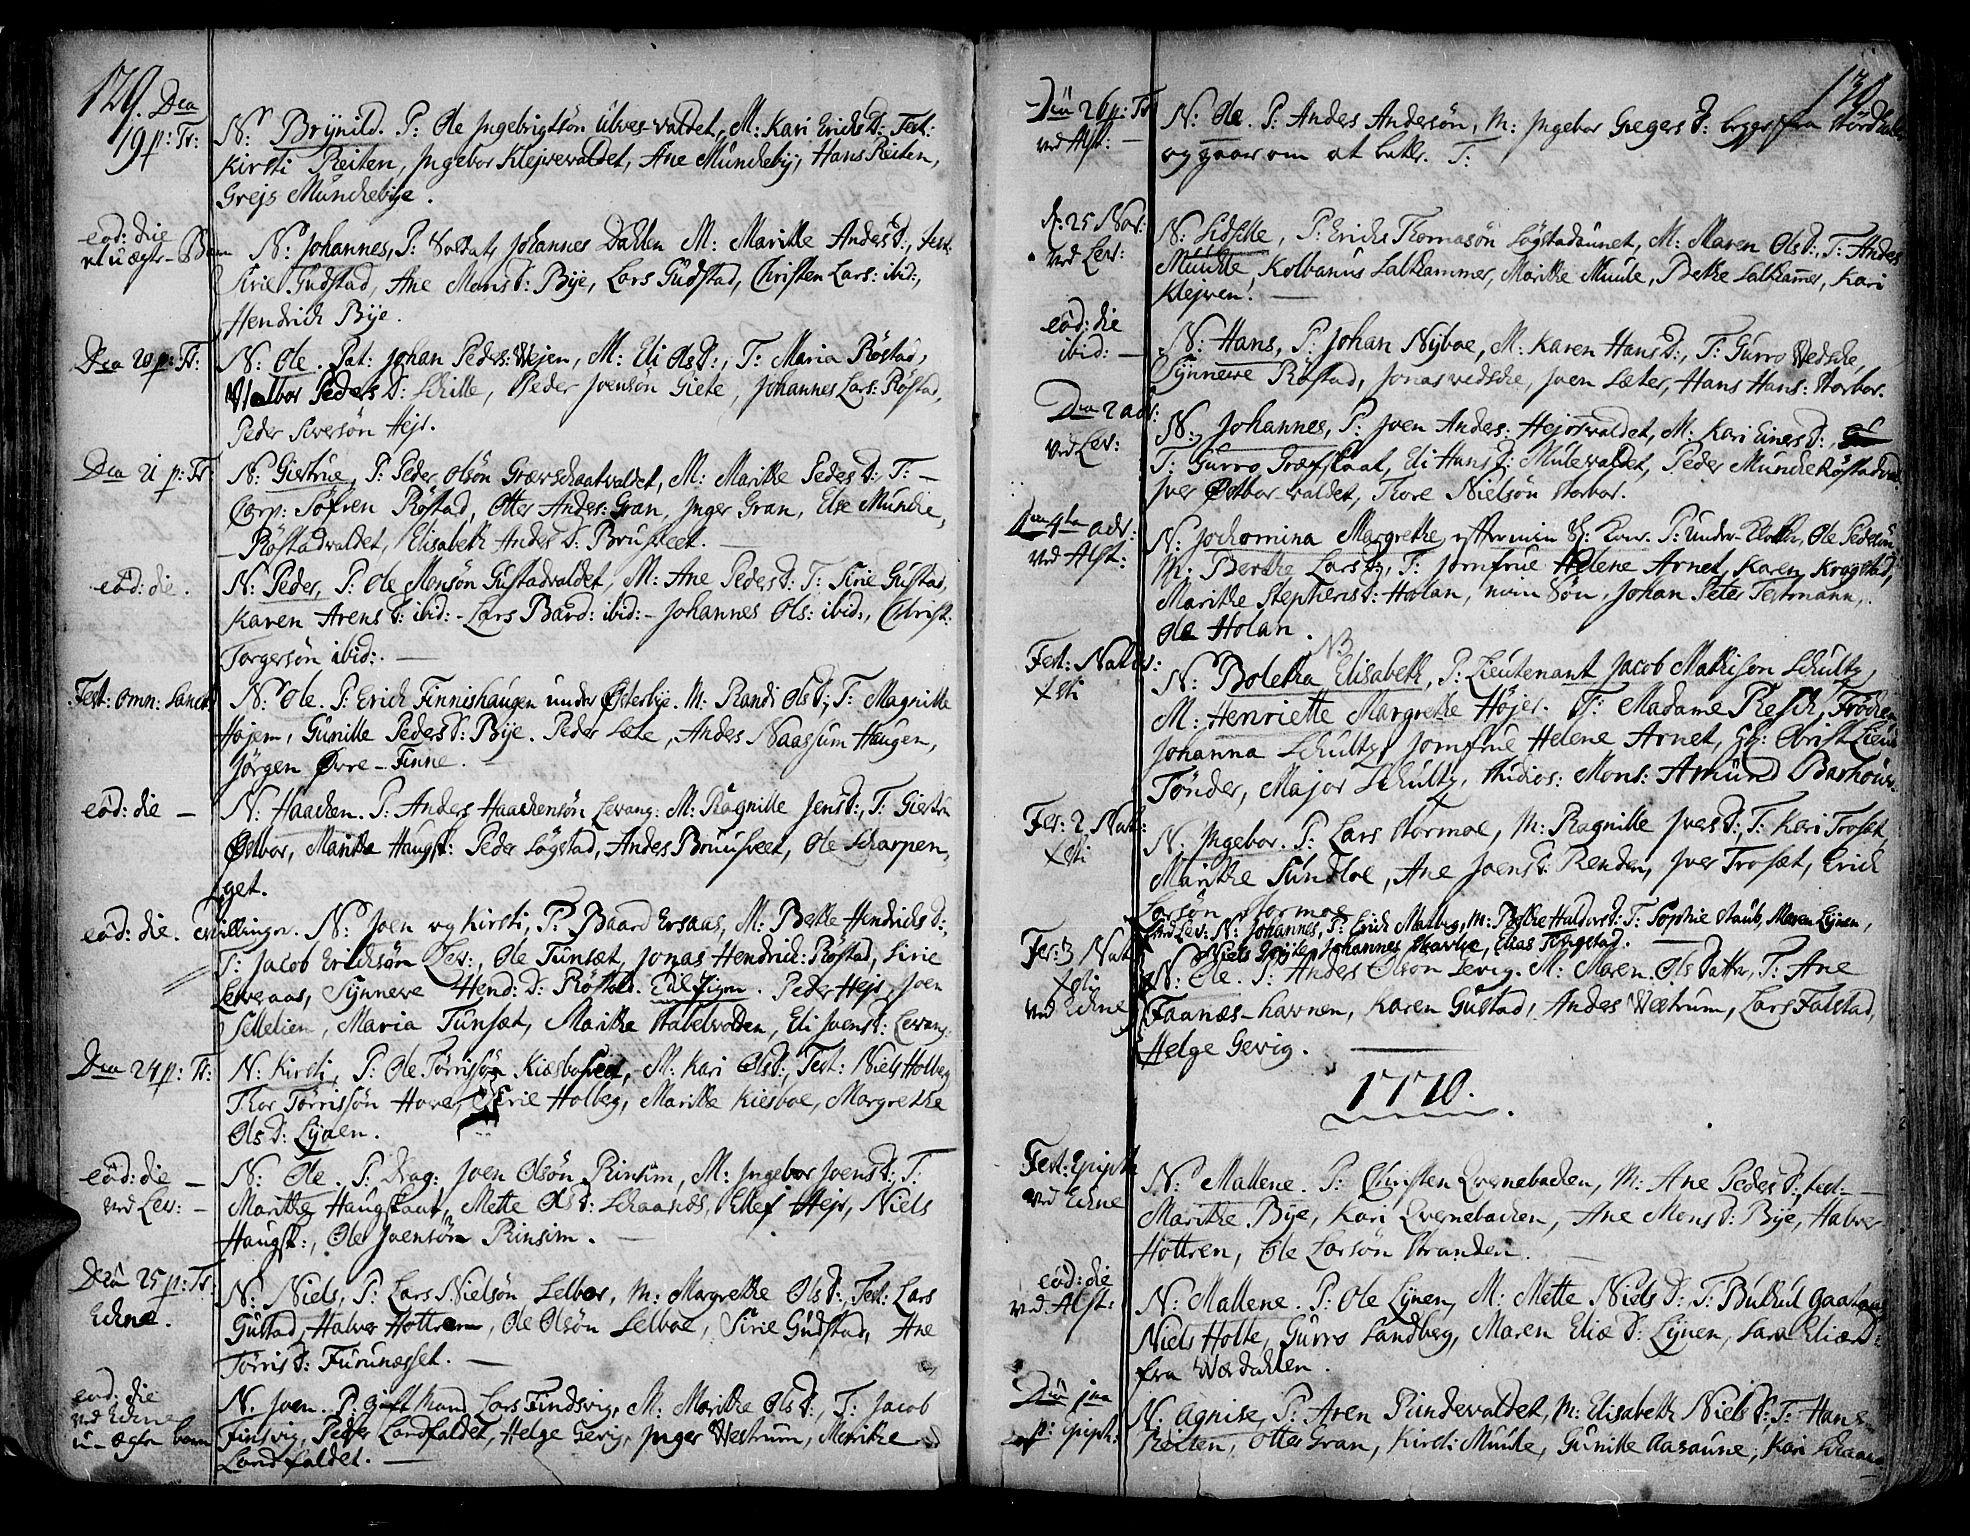 SAT, Ministerialprotokoller, klokkerbøker og fødselsregistre - Nord-Trøndelag, 717/L0141: Ministerialbok nr. 717A01, 1747-1803, s. 129-130